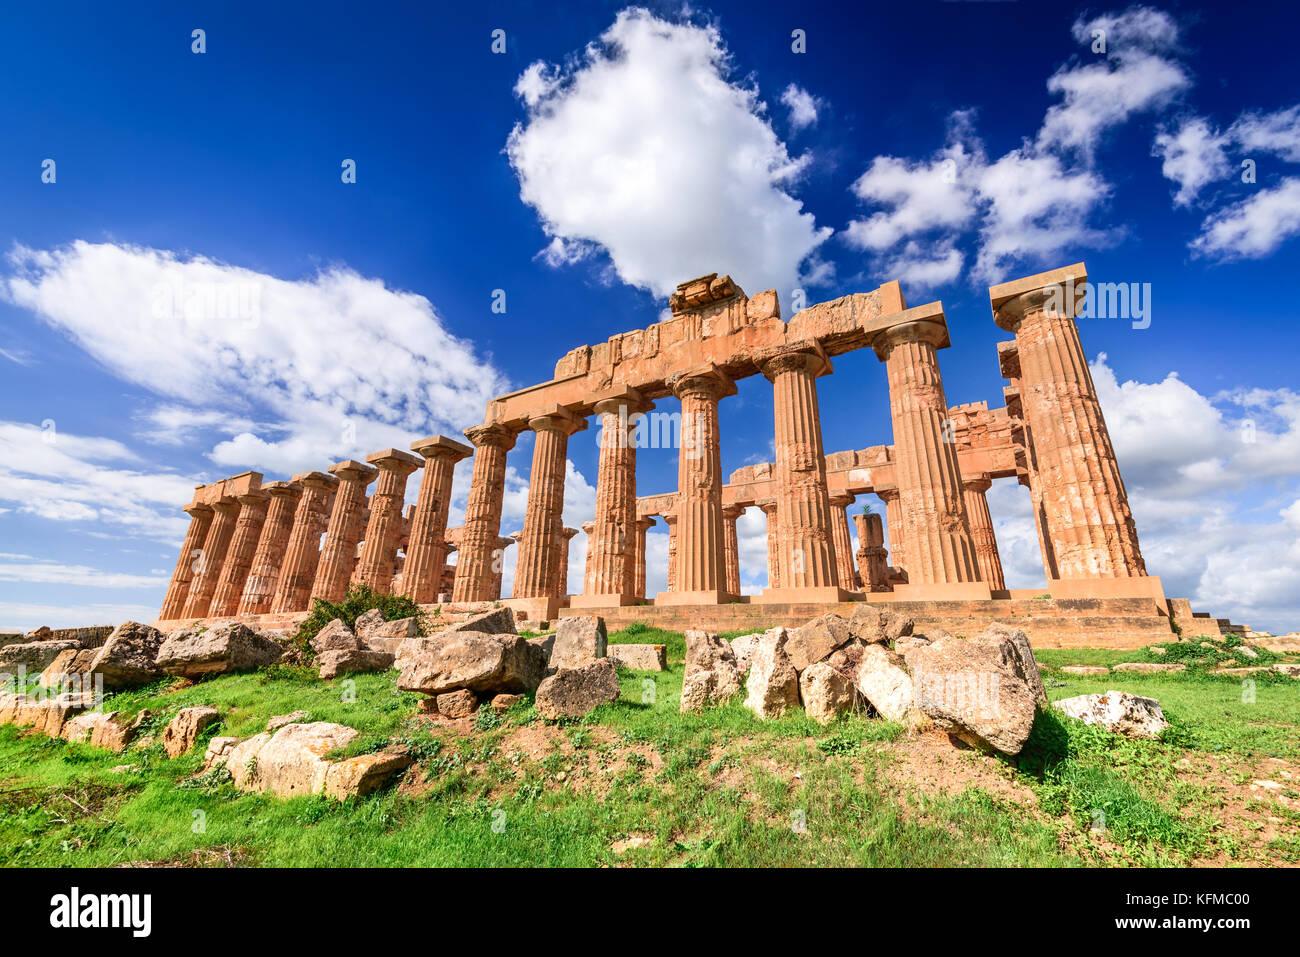 Selinunte era una antica città greca sulla costa sud-occidentale della Sicilia in Italia. Tempio di Hera rovine Immagini Stock